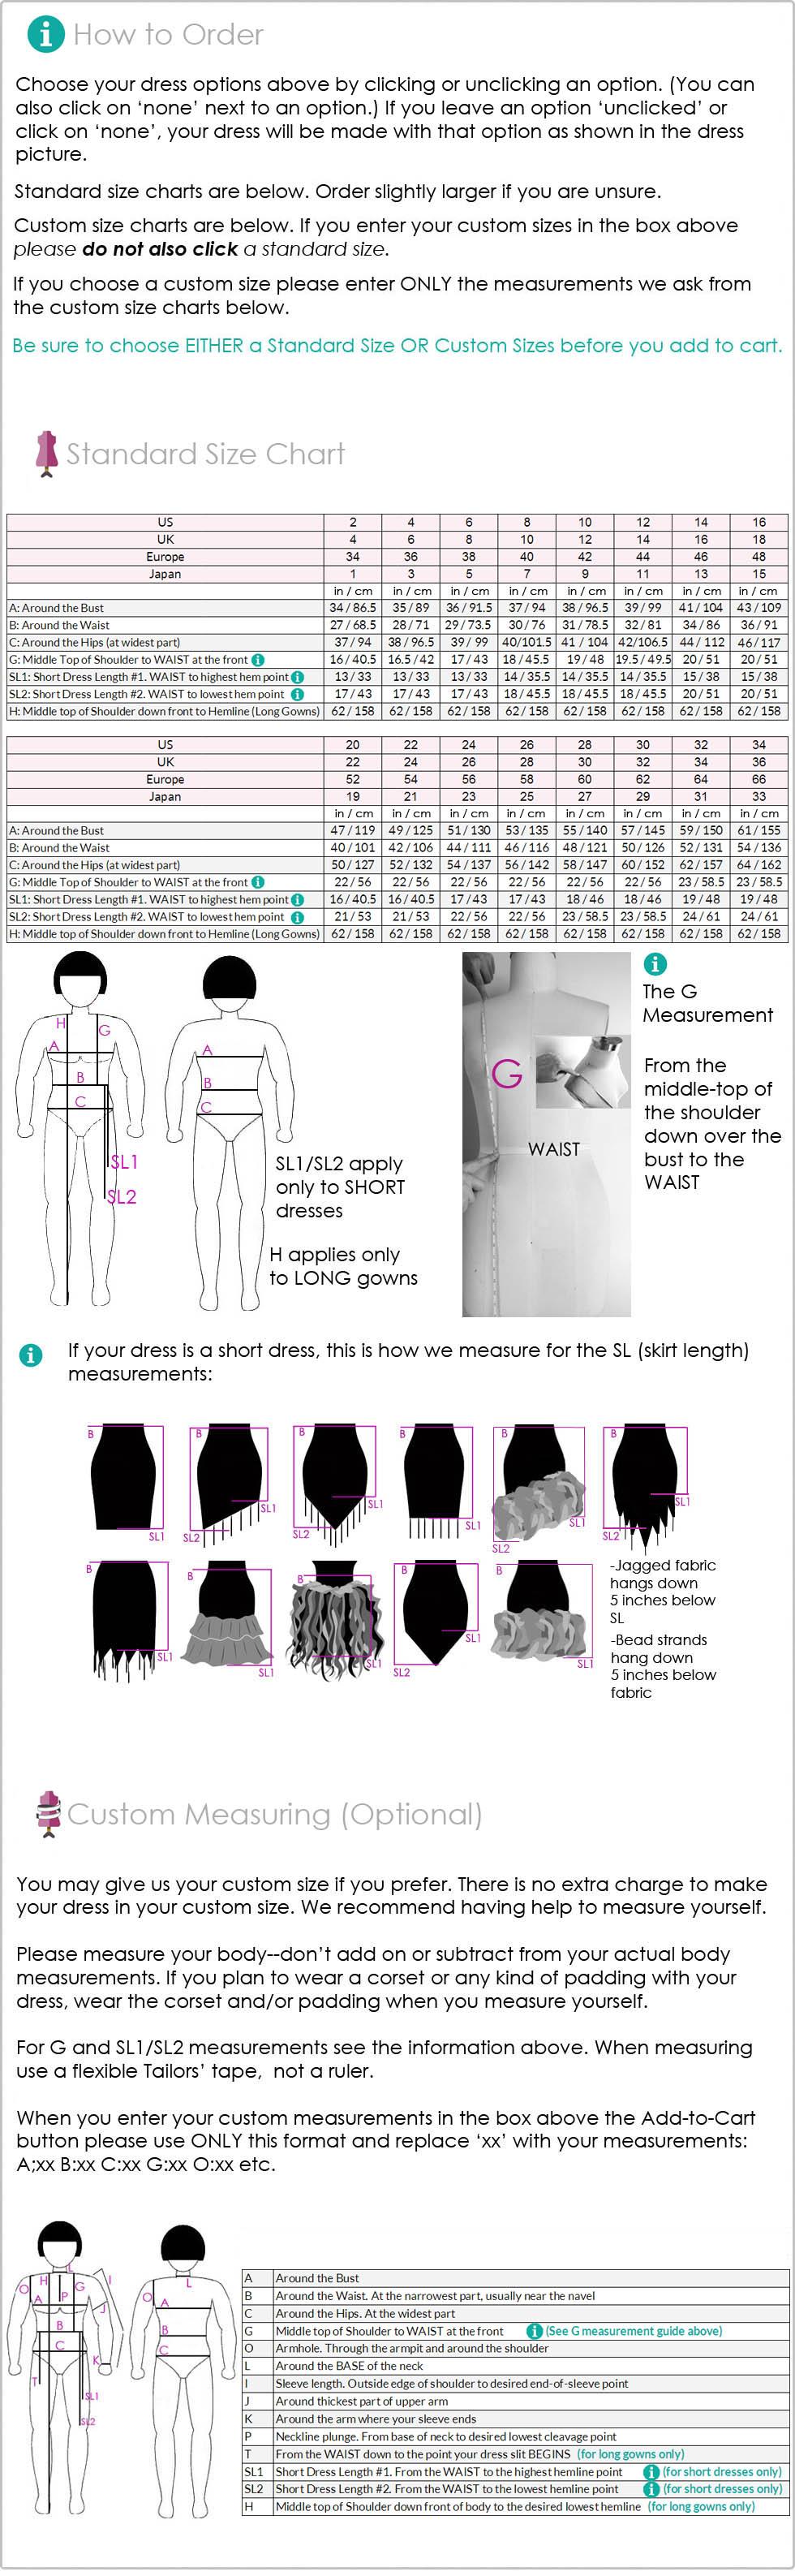 sequinqueen-sequin-dress-size-charts.jpg